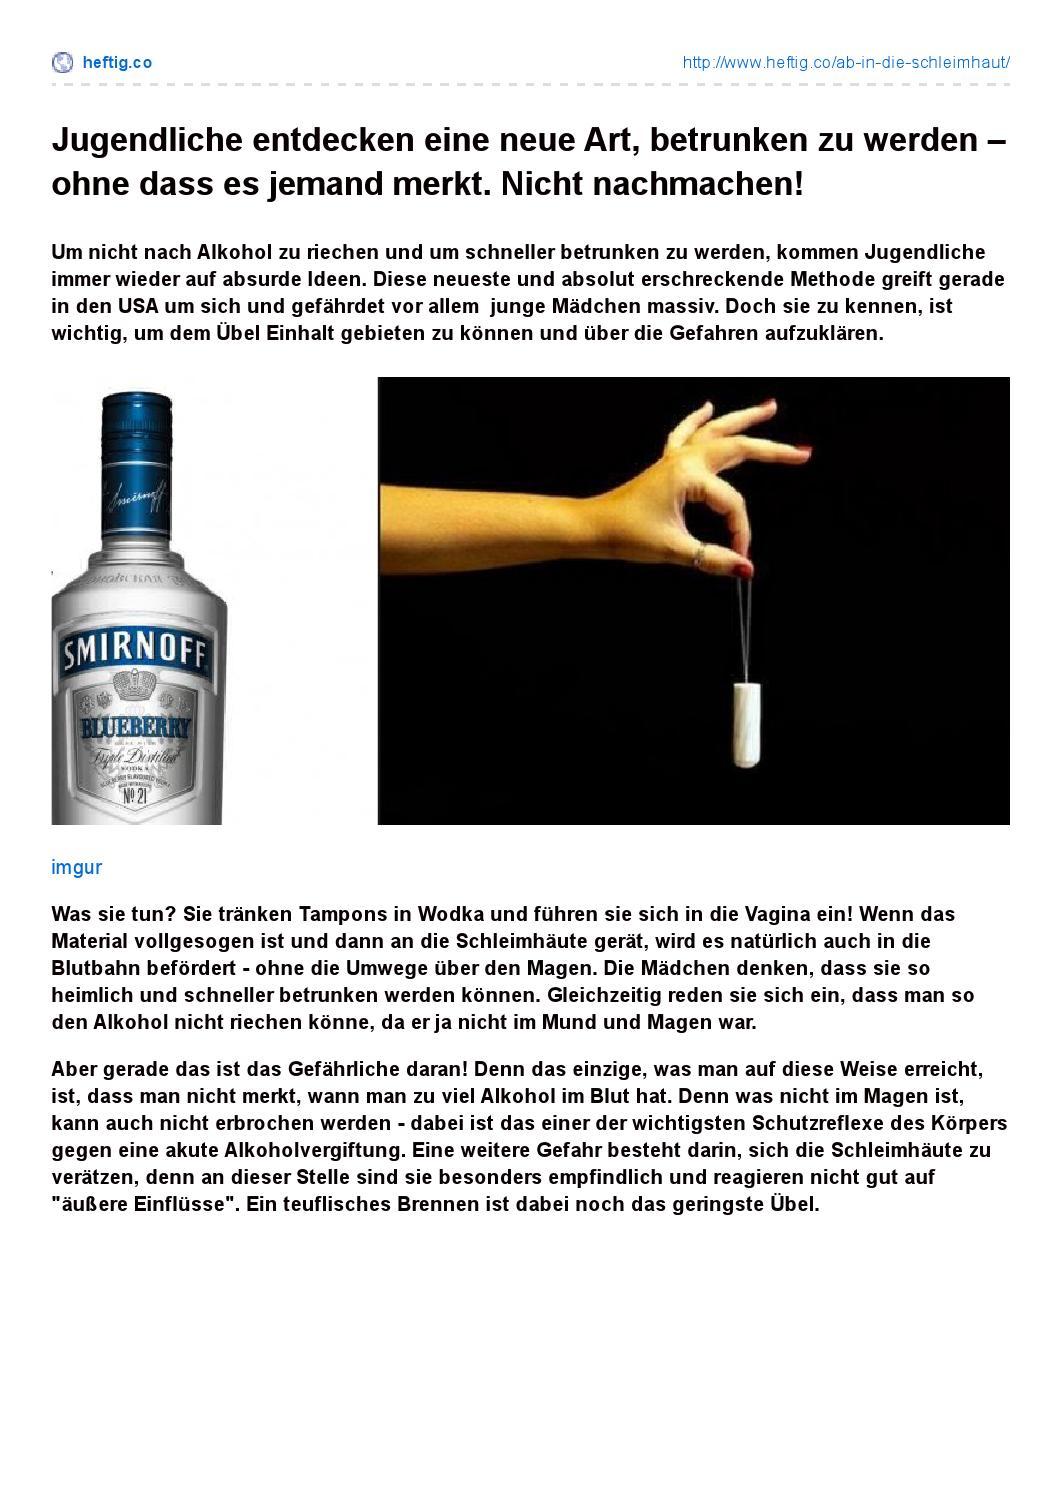 Alkohol der nicht riecht